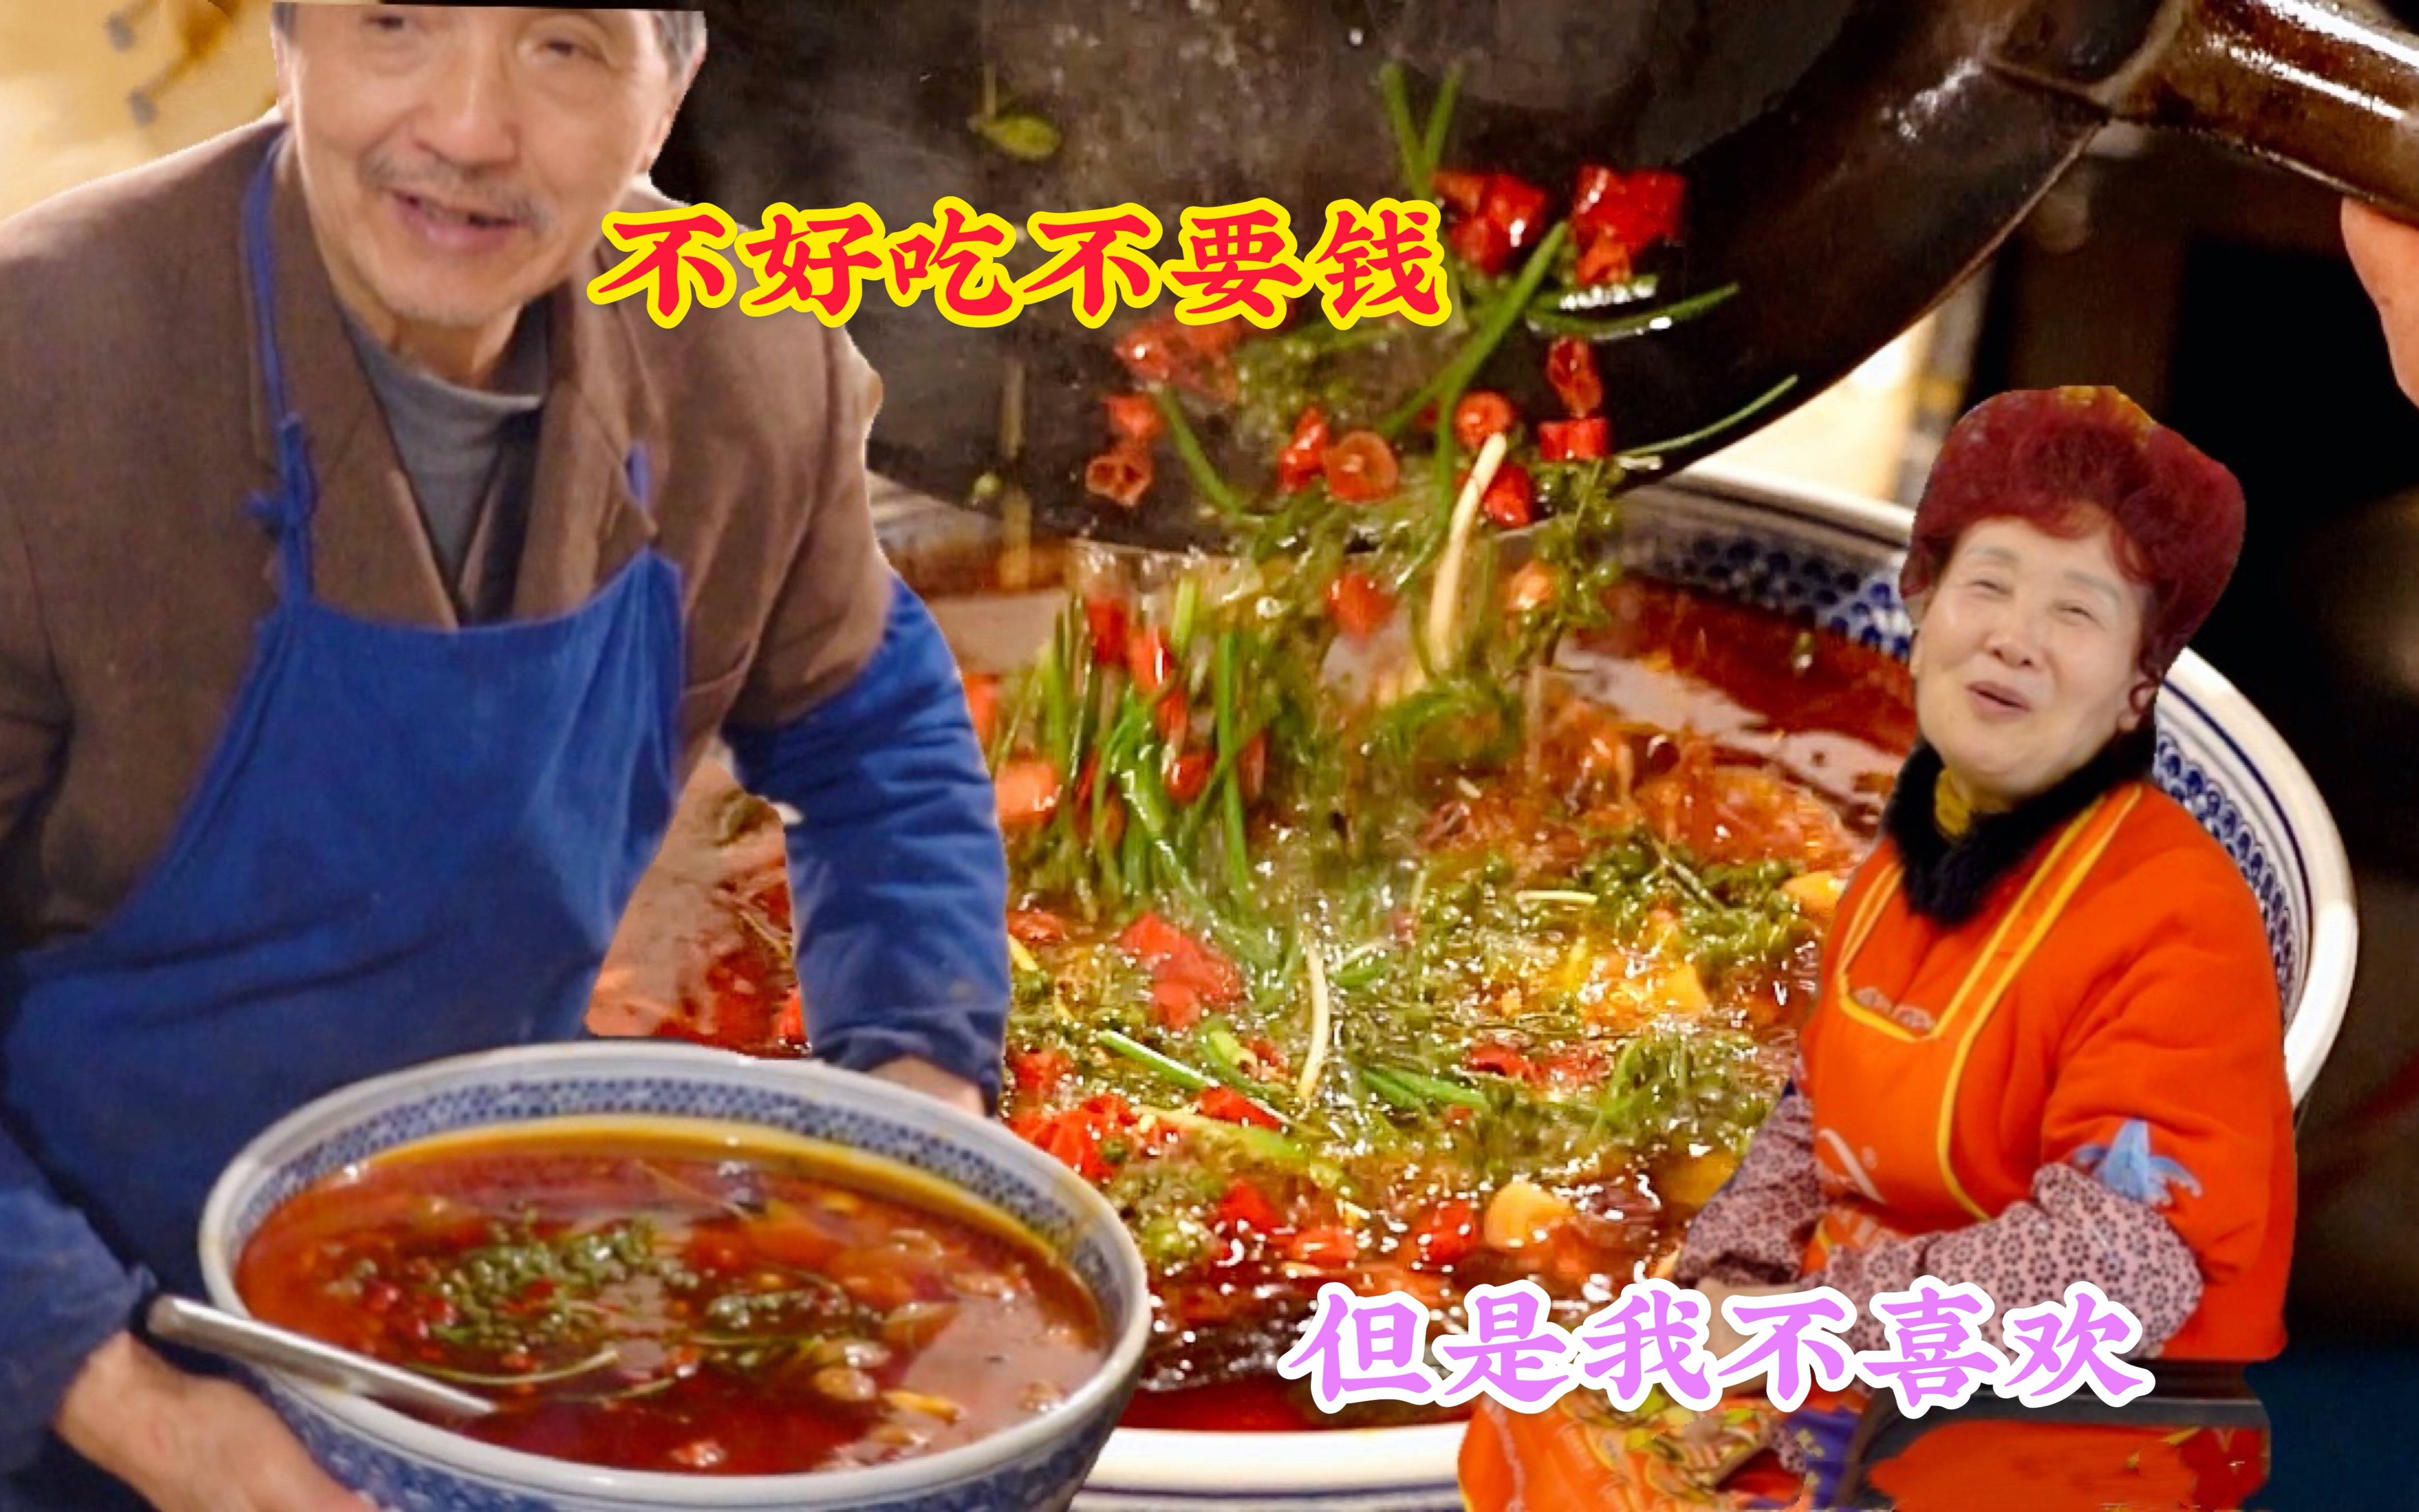 """重庆68岁夫妻卖""""天价毛血旺"""", 200块钱一份, 敢说不好吃, 老板直接不要钱, 老板娘偏说: 我不爱!"""